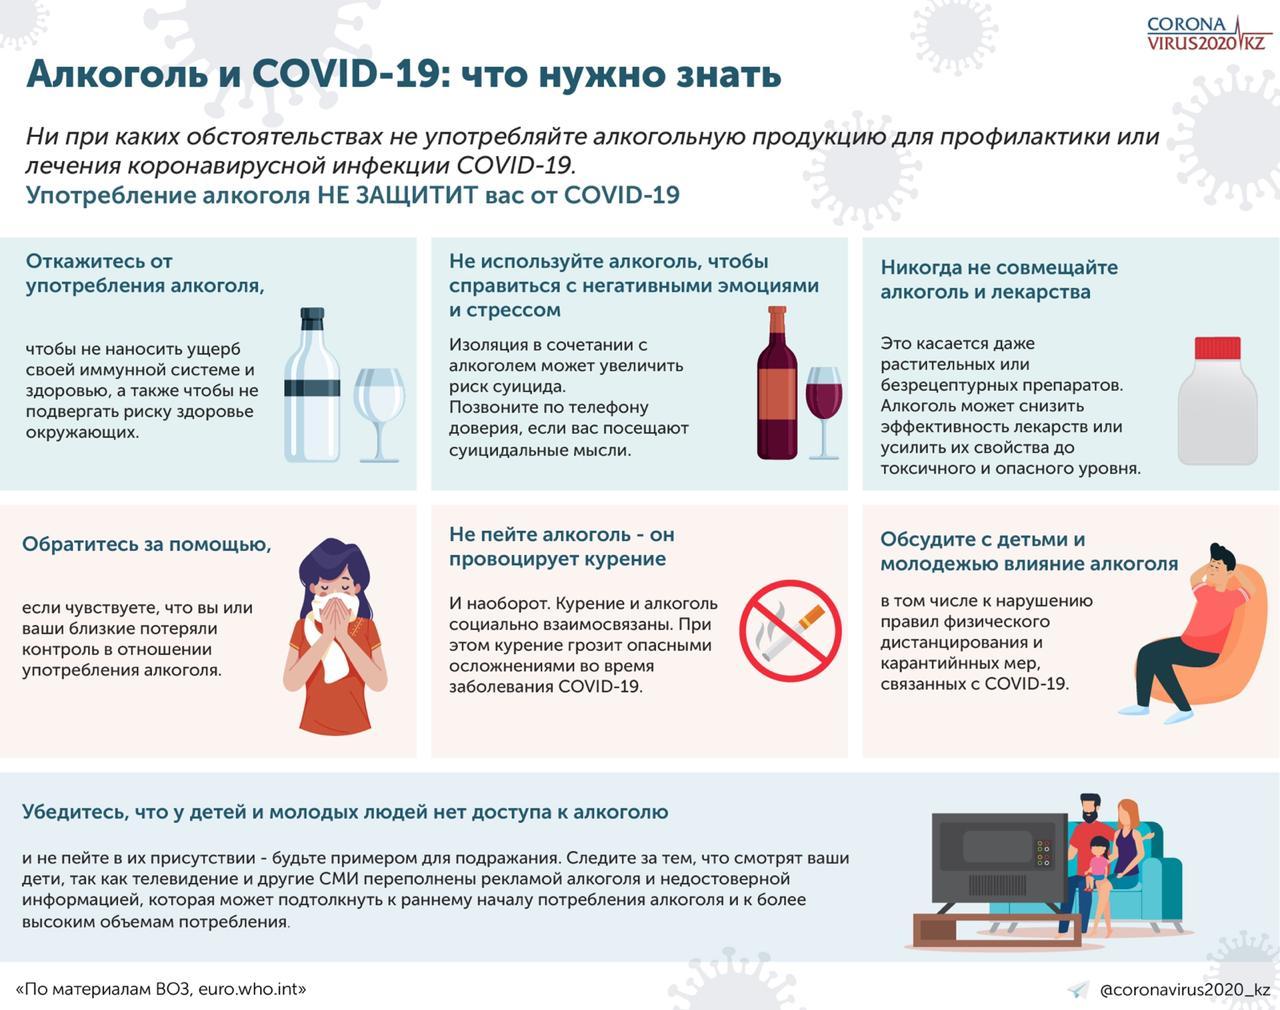 Алкоголь и COVID-19 что нужно знать